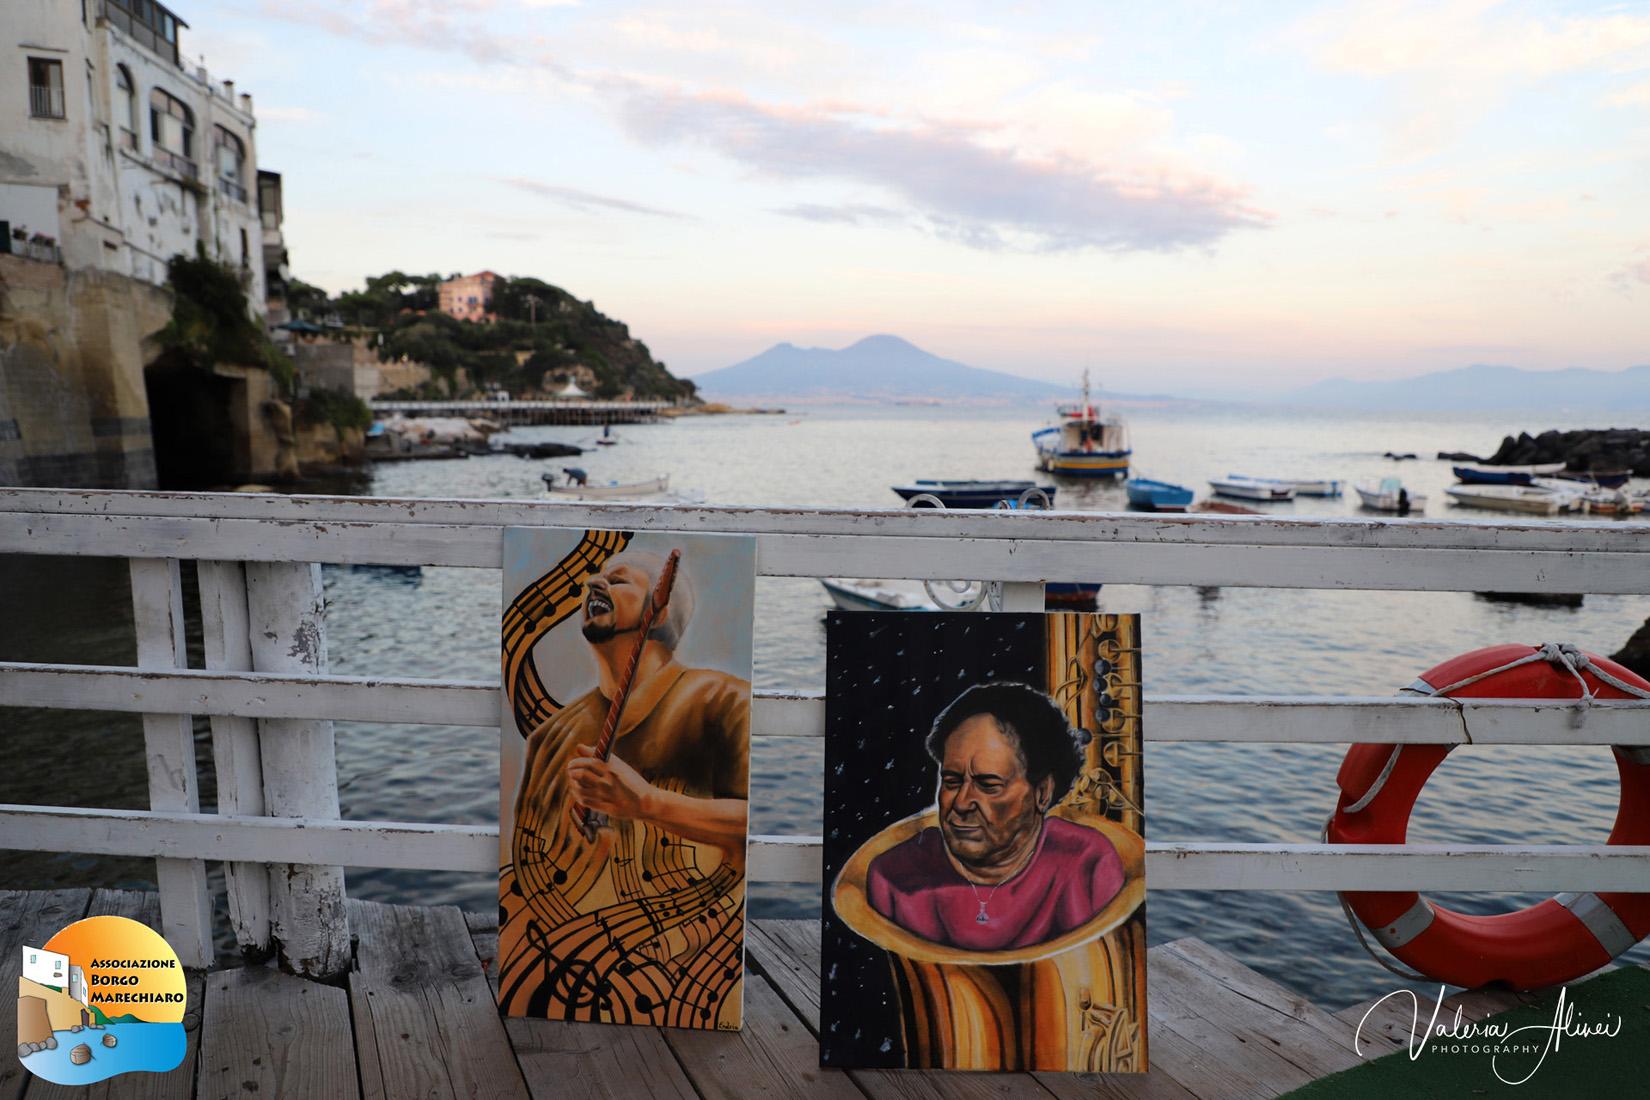 'a musica 'e Napule – Pino Daniele, Enzo Avitabile e Napoli vista da Marechiaro